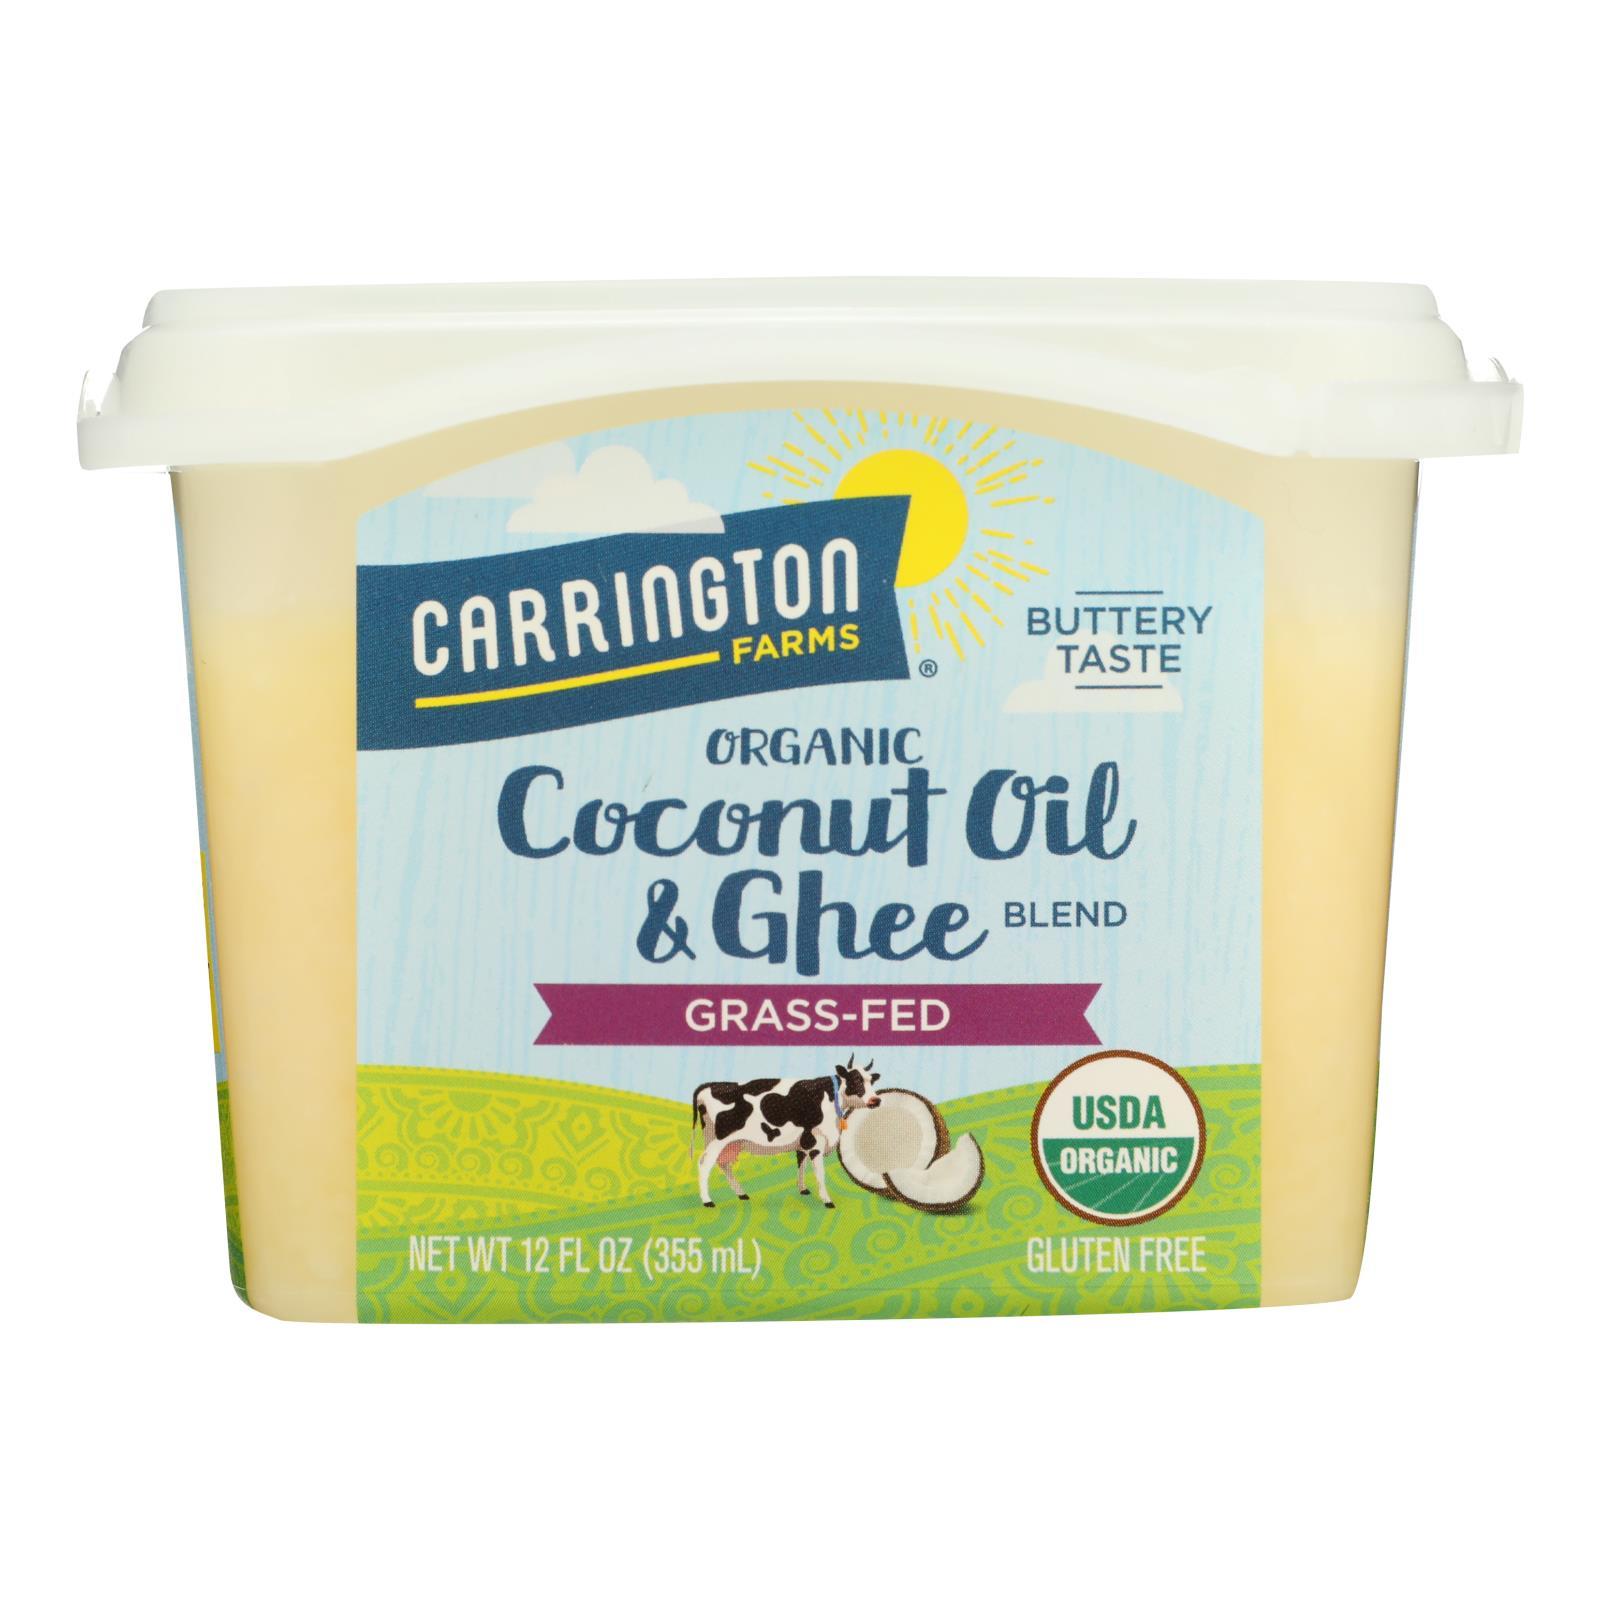 Carrington Farms Coconut Oil - Buttery Taste - Case of 6 - 12 oz.